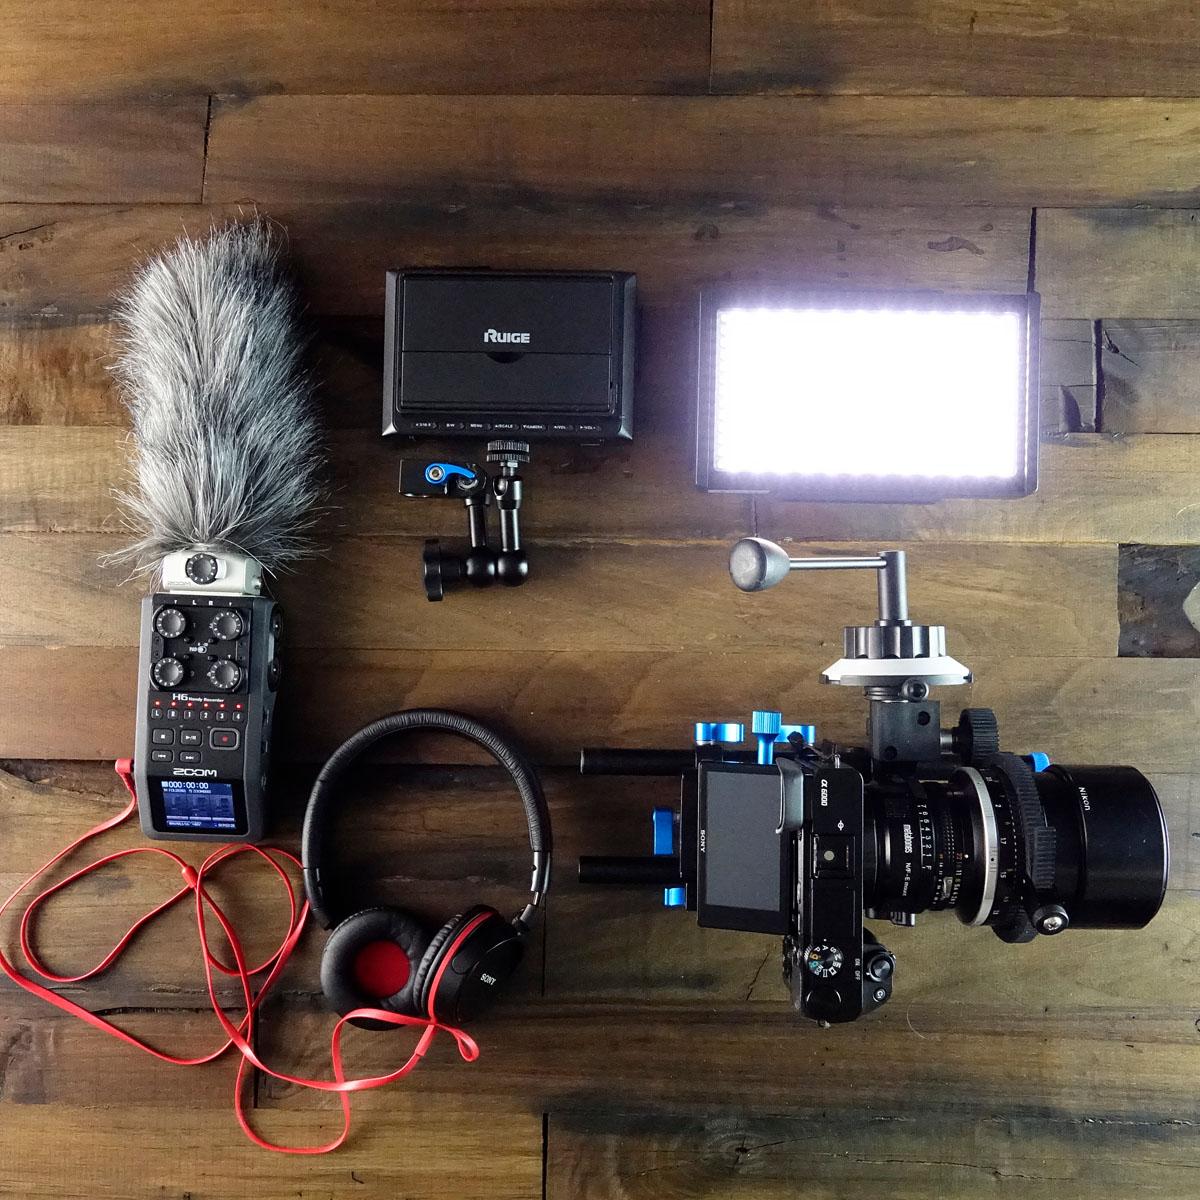 Σετ συνέντευξης για δημιουργία βίντεο